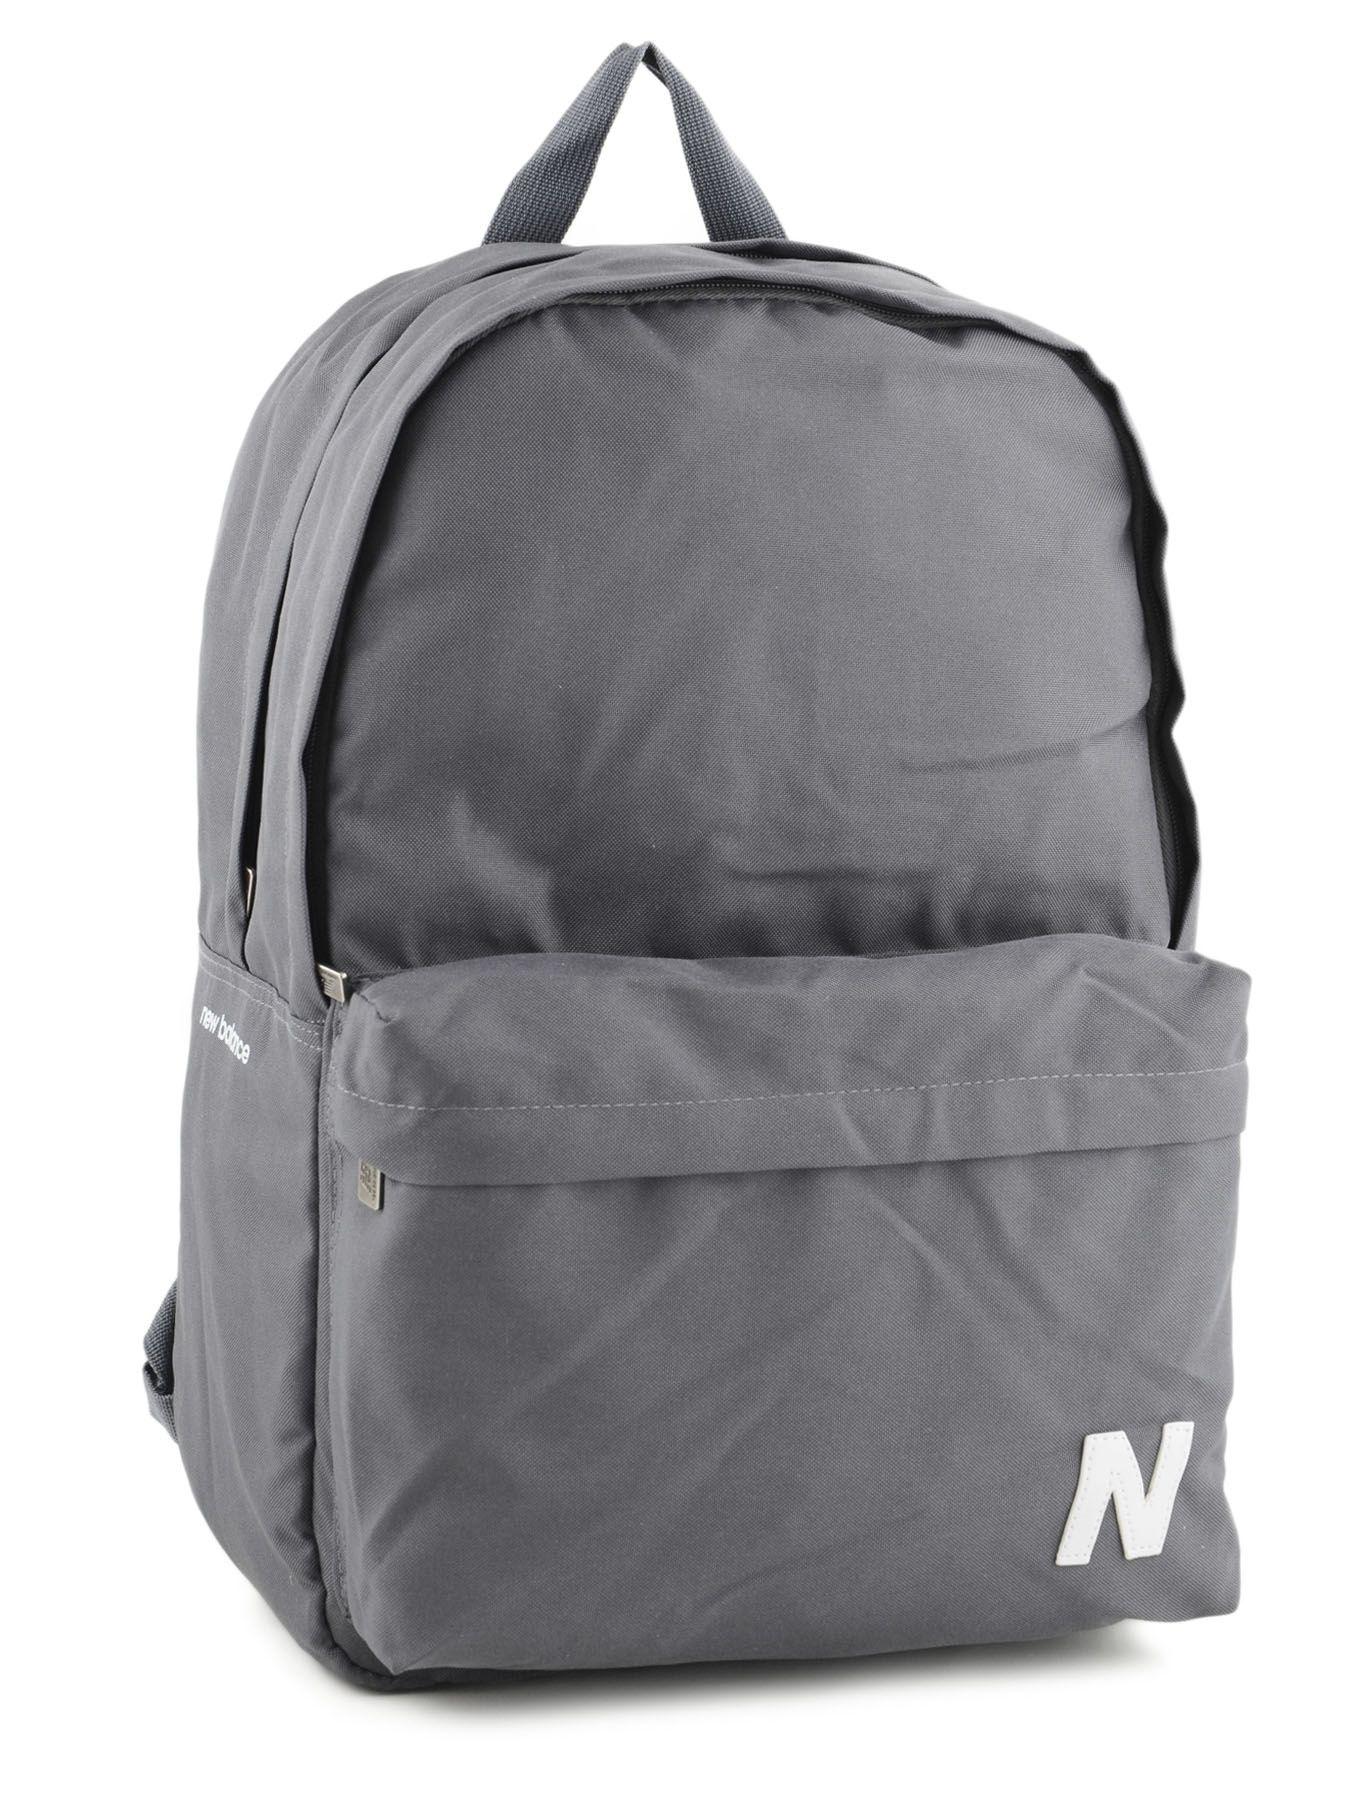 Sac À Dos New Balance : sac dos new balance essentials lead en vente au meilleur prix ~ Melissatoandfro.com Idées de Décoration